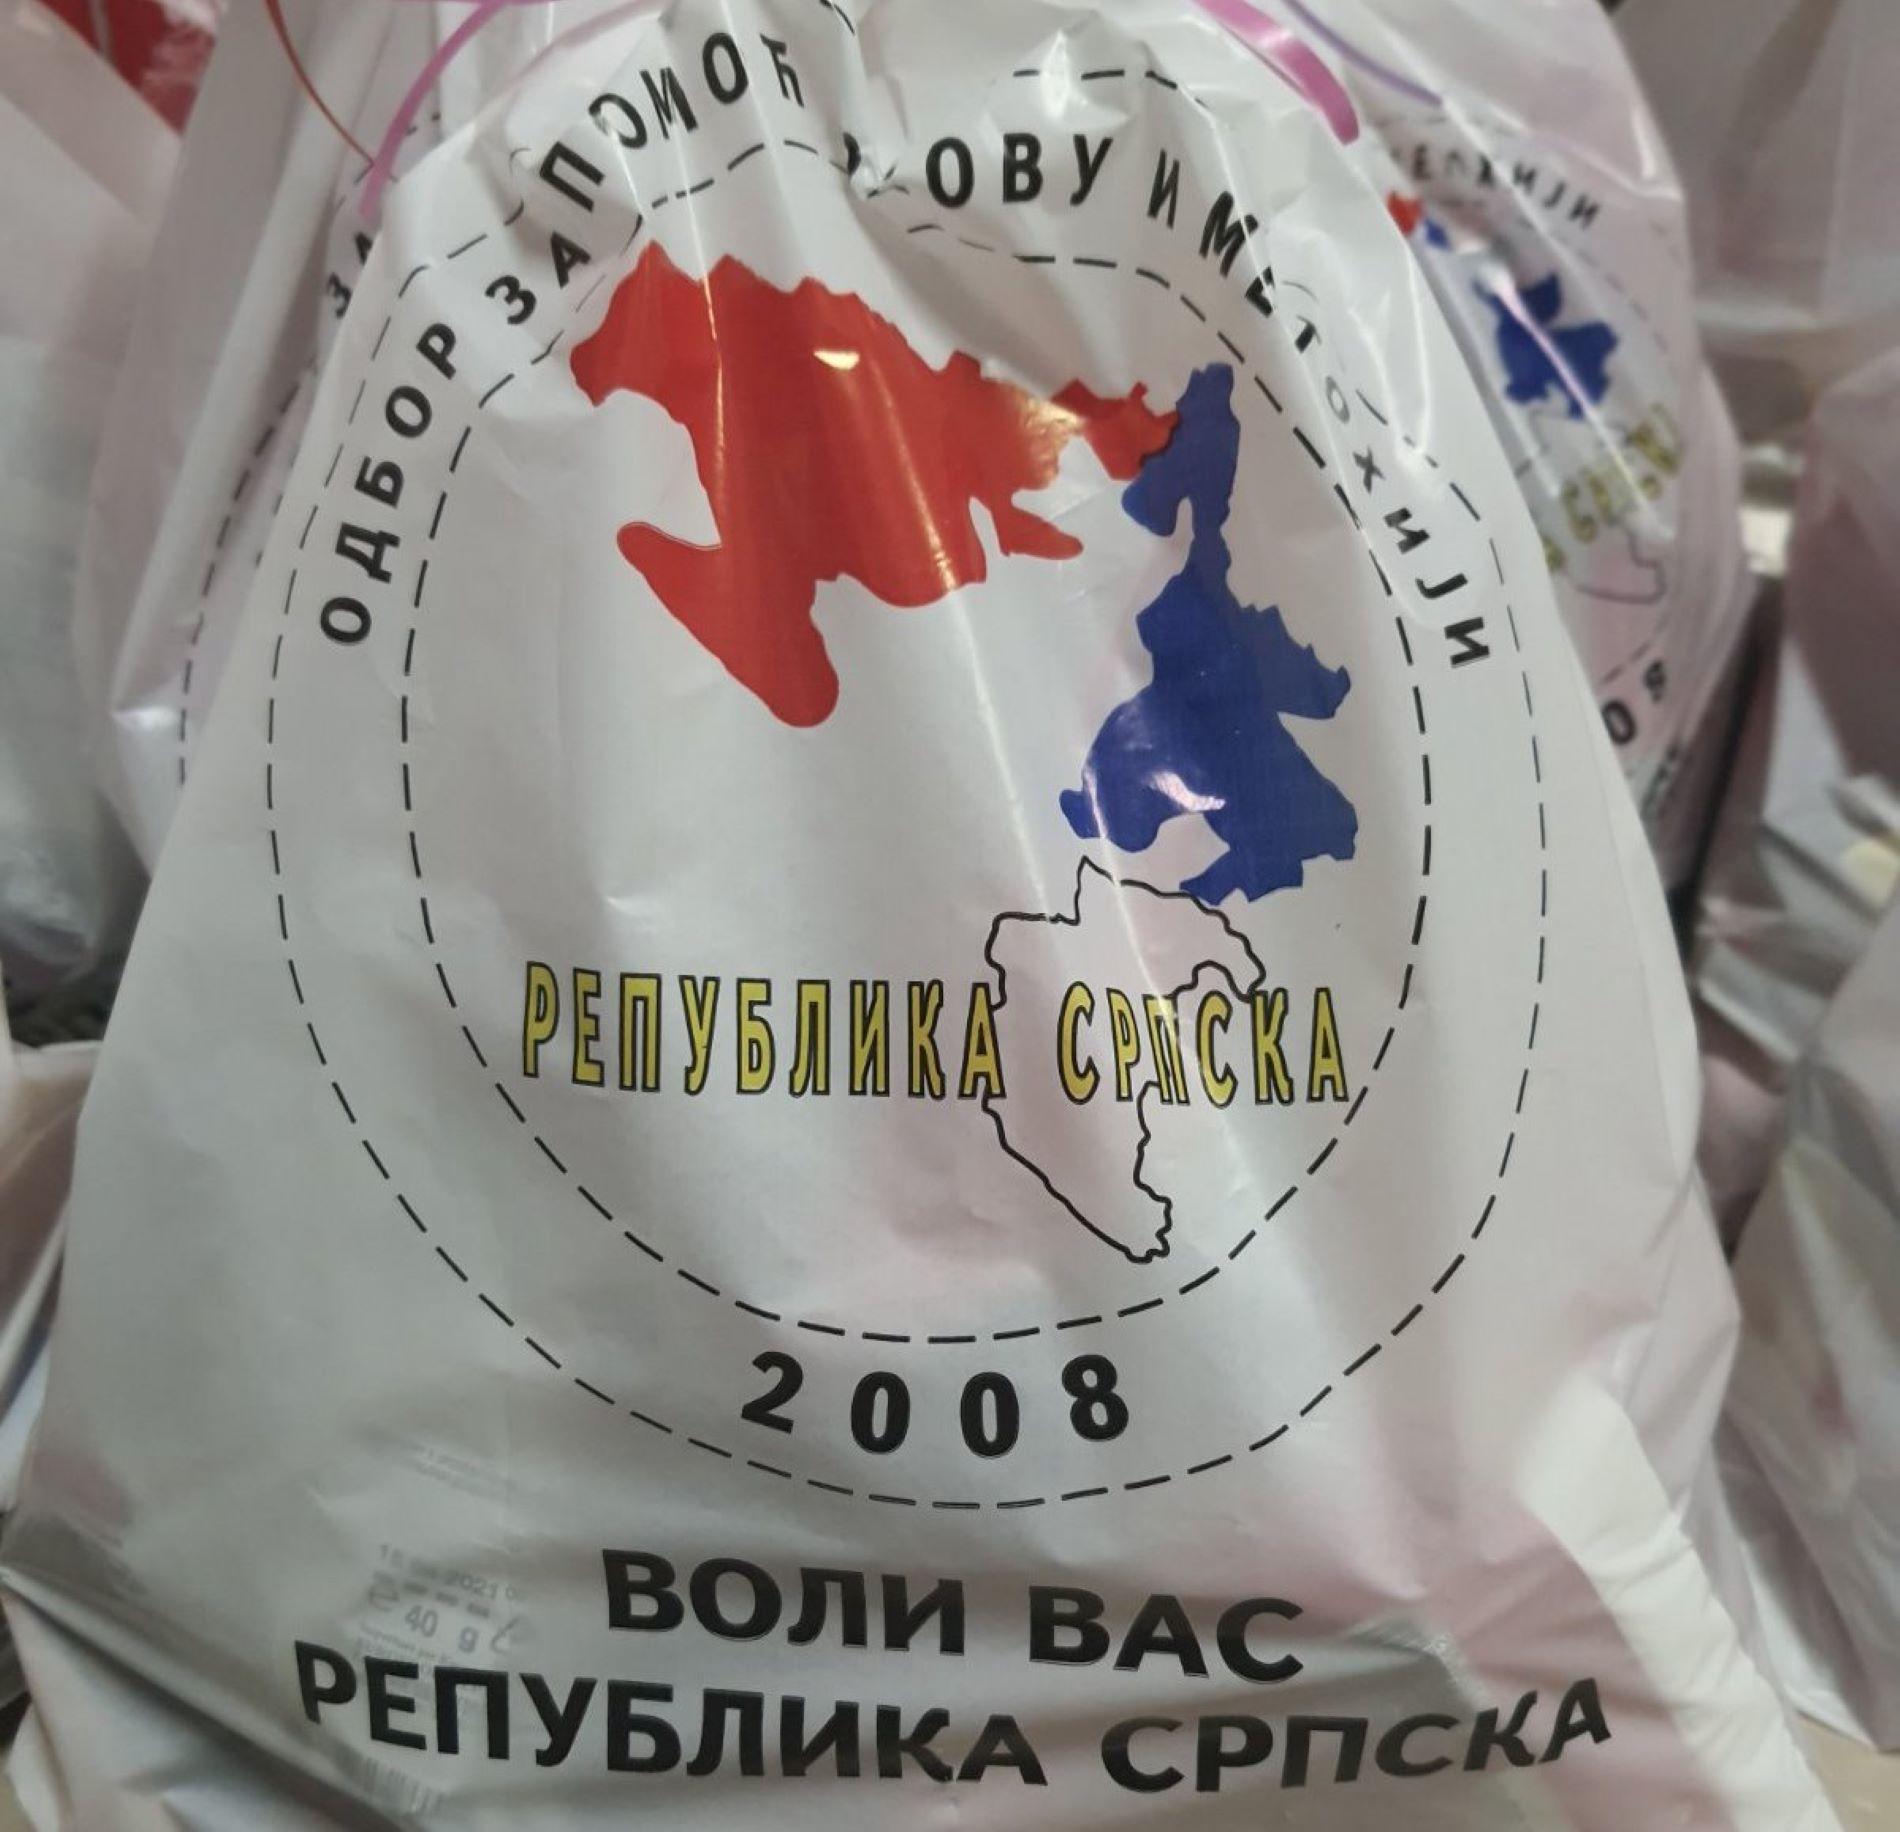 odbor-za-pomoc-kim-svetosavski-paketici-za-decu-predskolskog-i-skolskog-uzrasta-u-osojanu